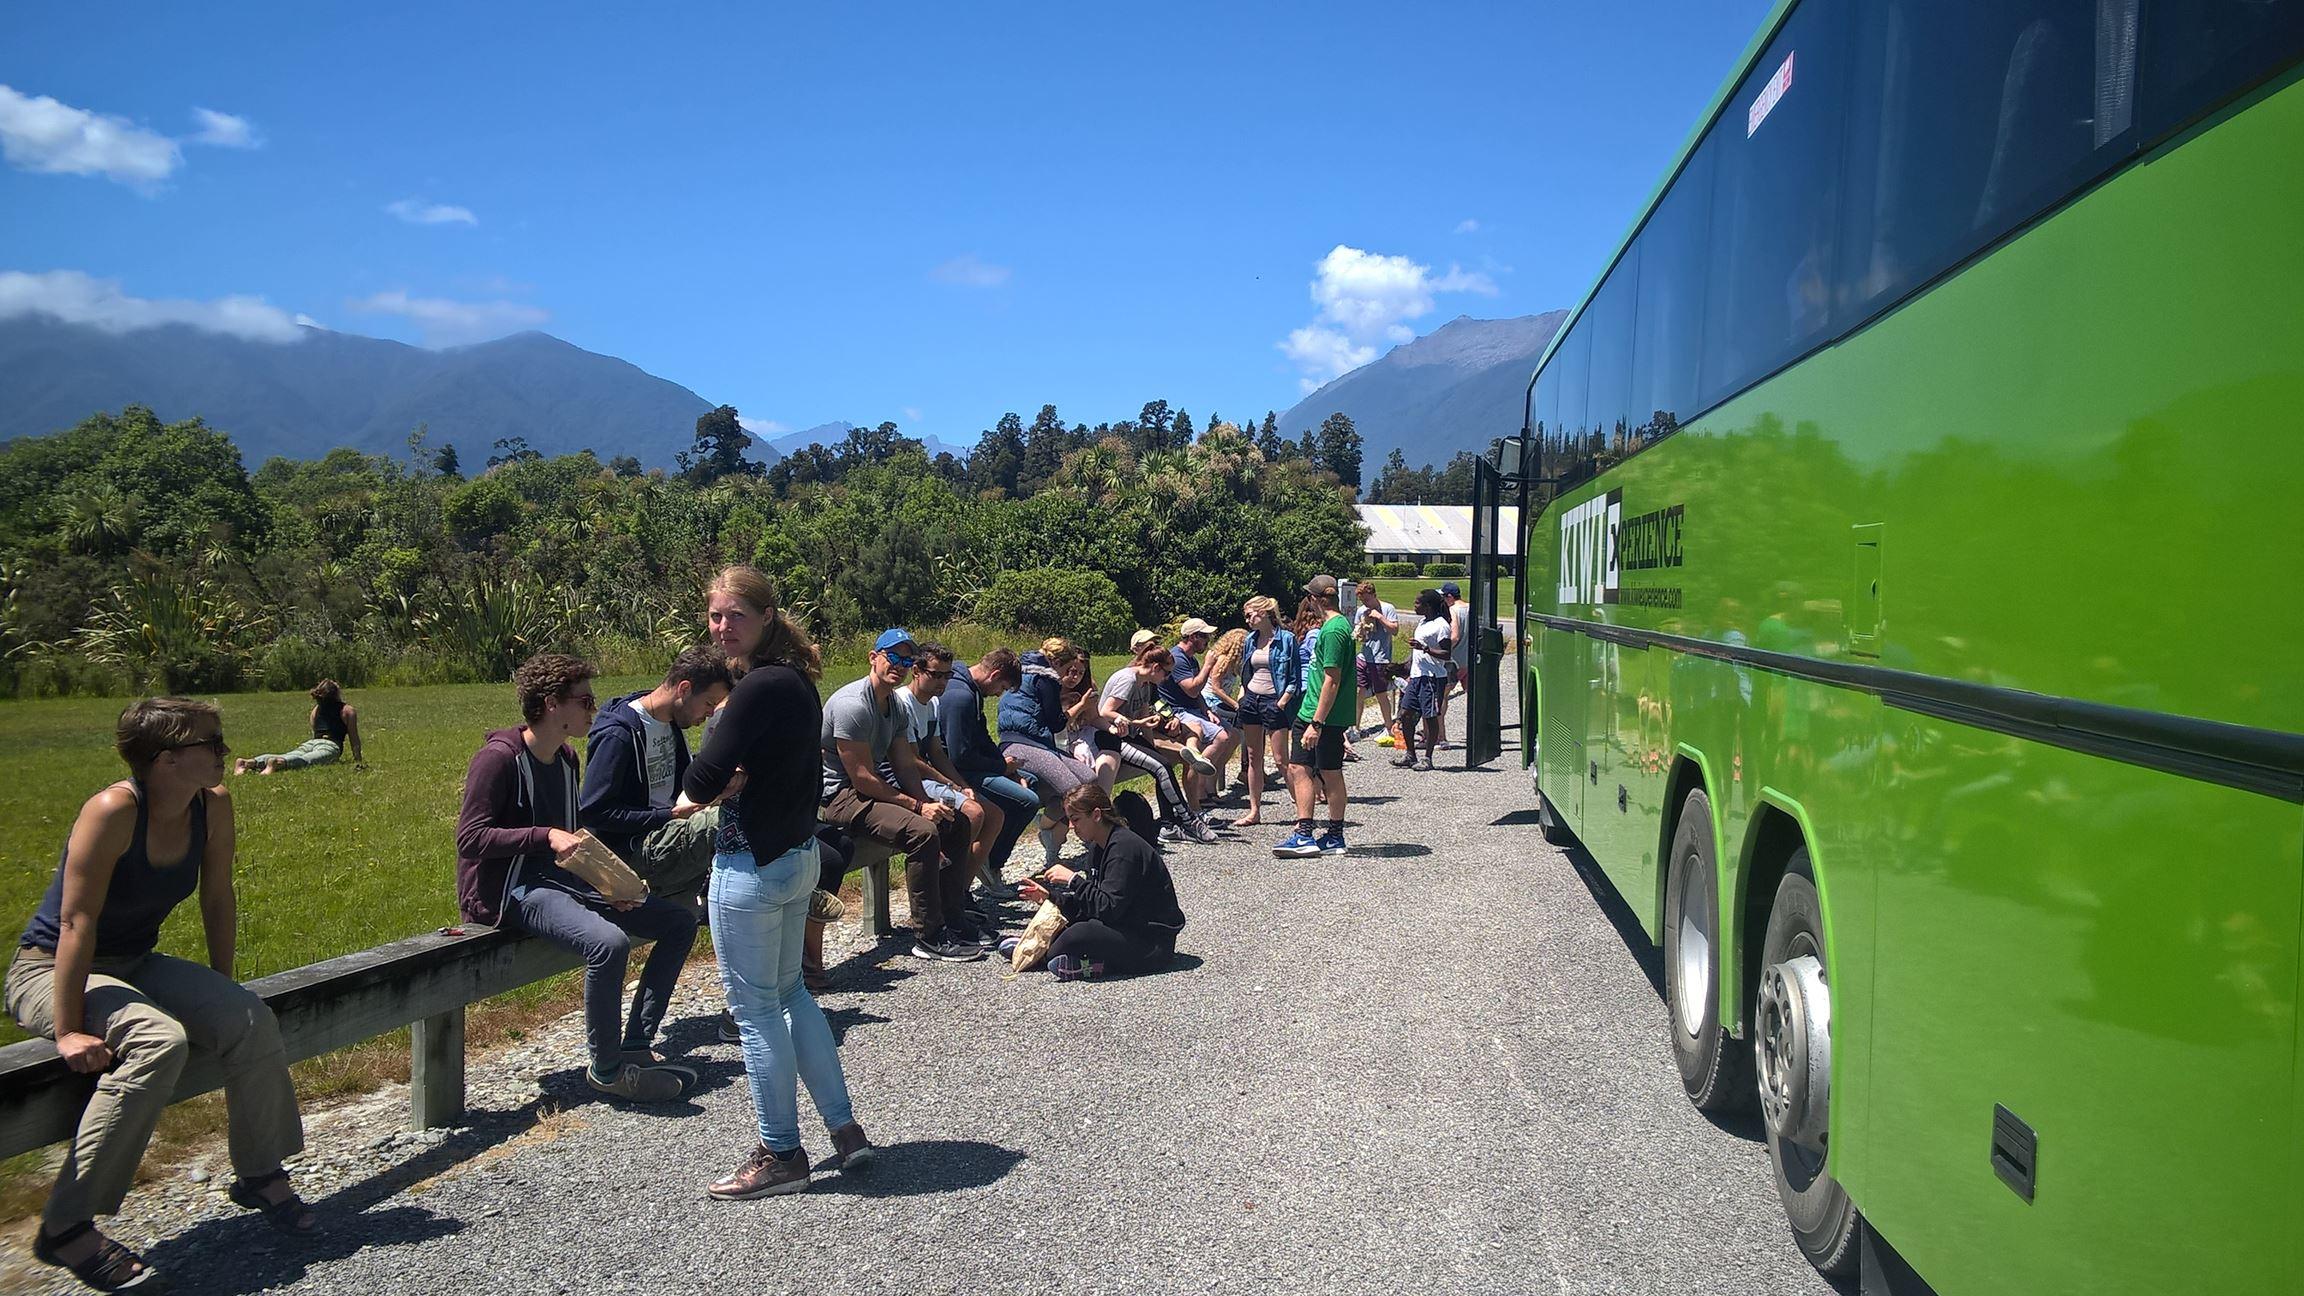 Mittagspause mit der gesamten Gruppe am Bus